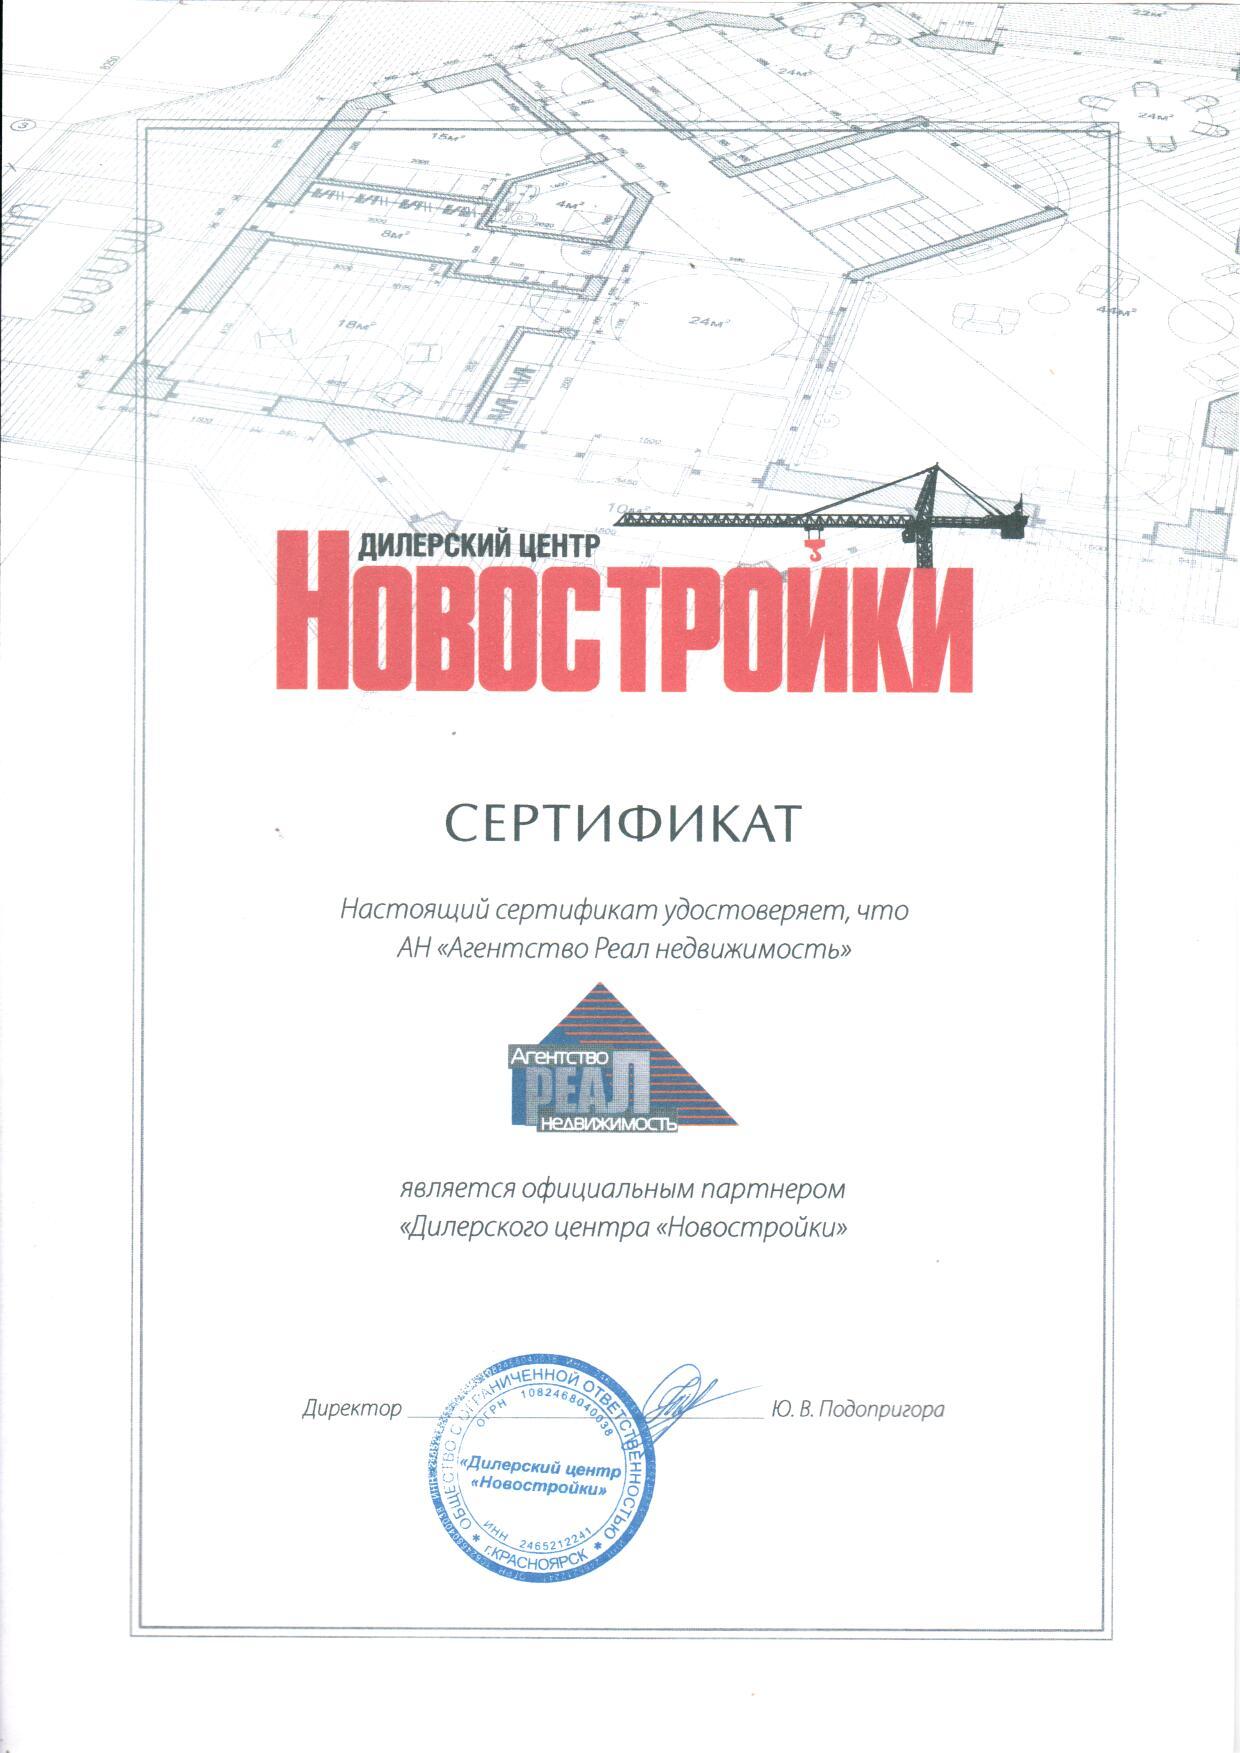 """Сертификат официального партнера """"Дилерского центра """"Новостройки"""""""